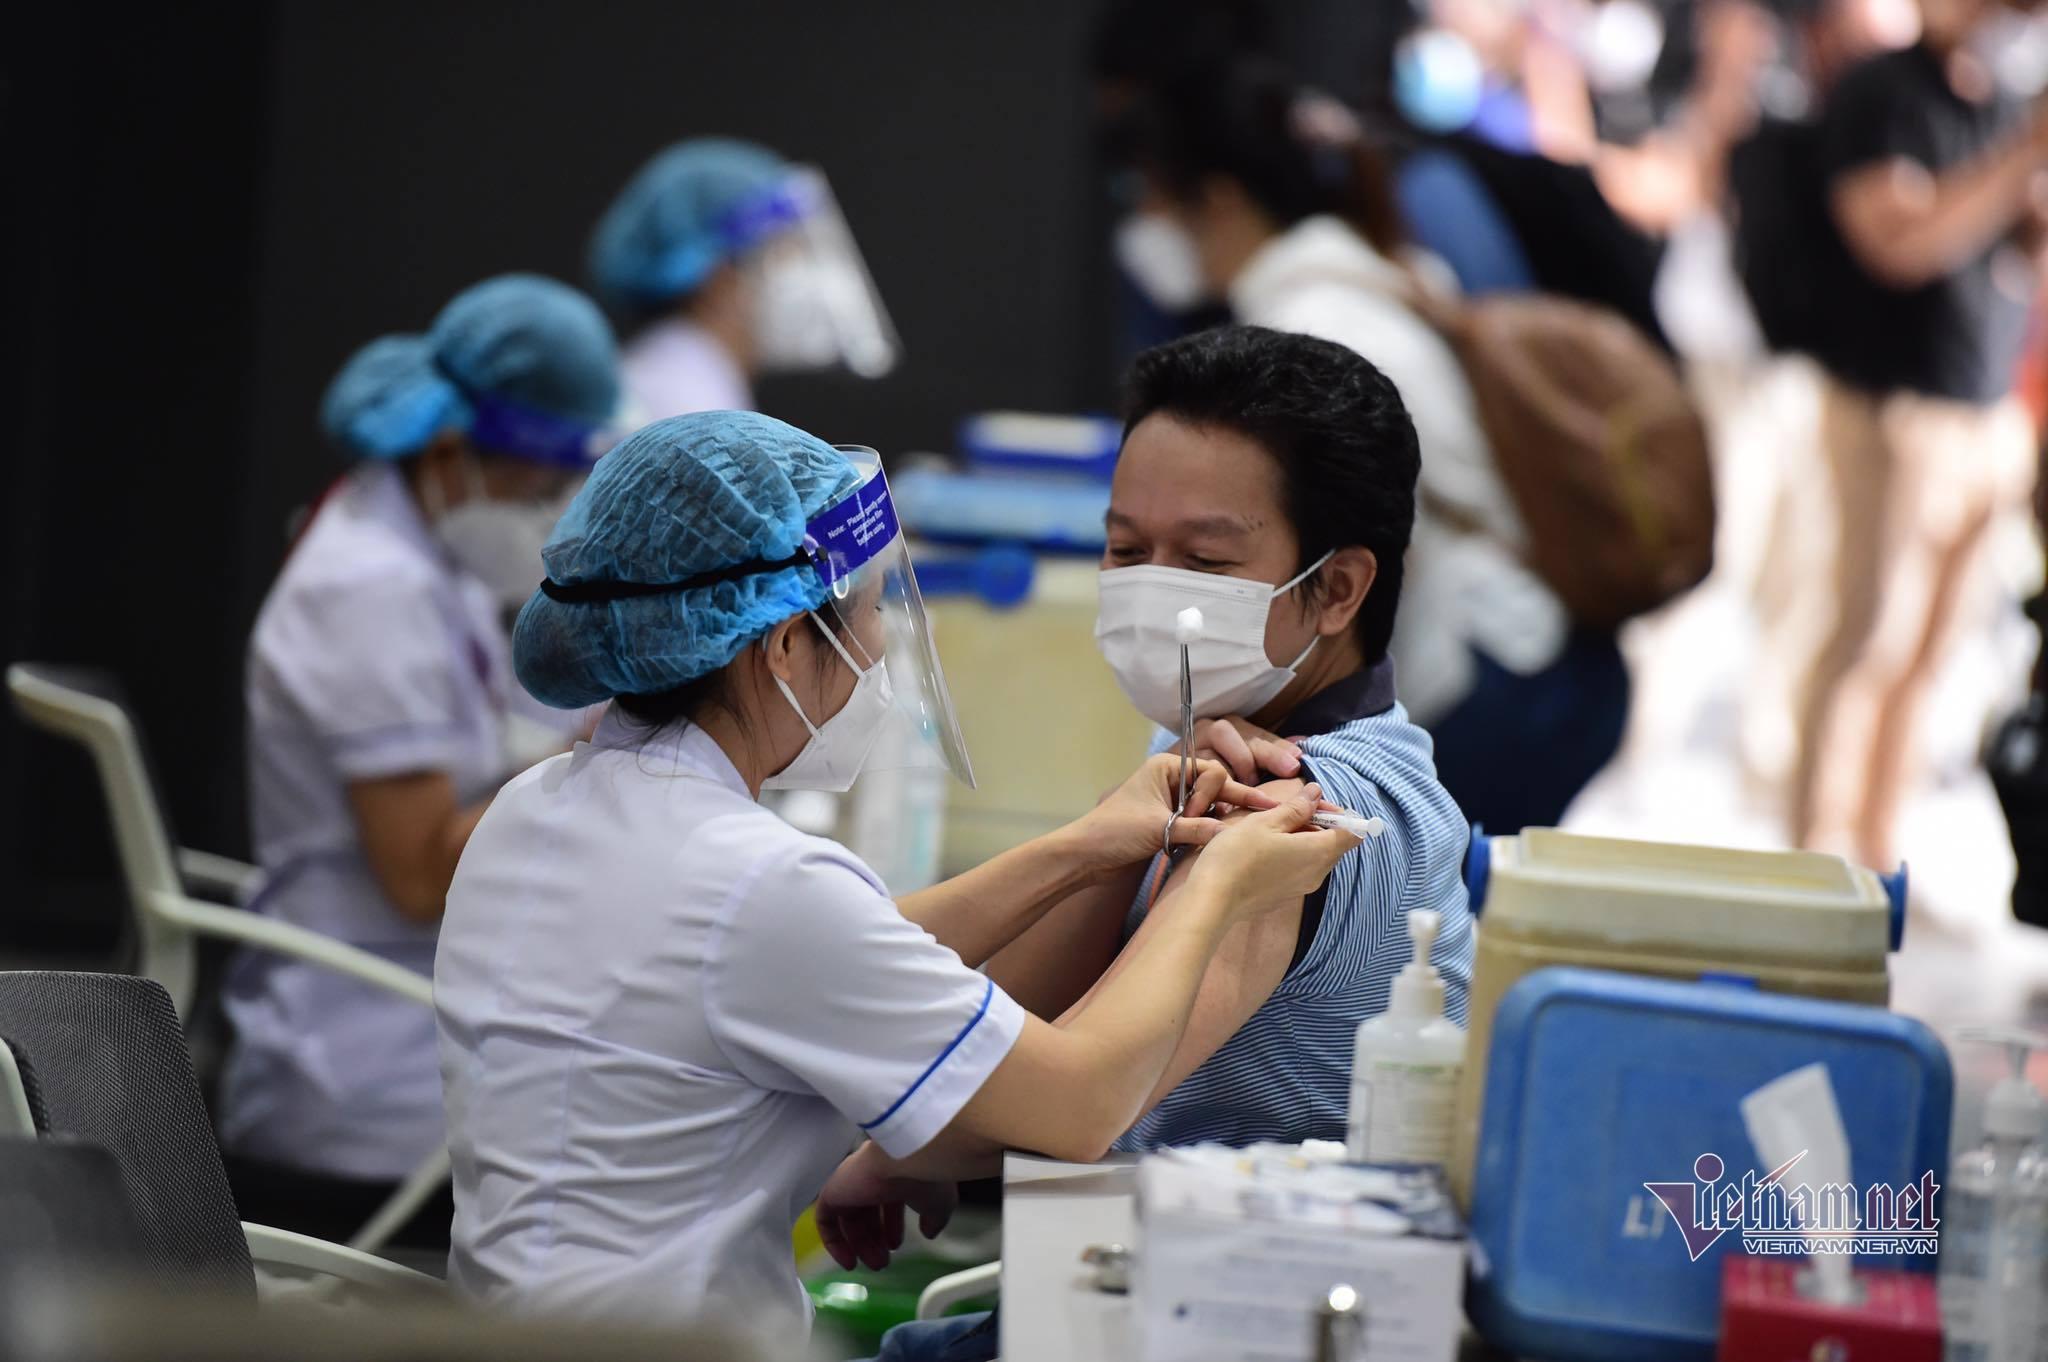 Hình ảnh đầu tiên về chiến dịch tiêm vắc xin Covid-19 thần tốc tại TP.HCM